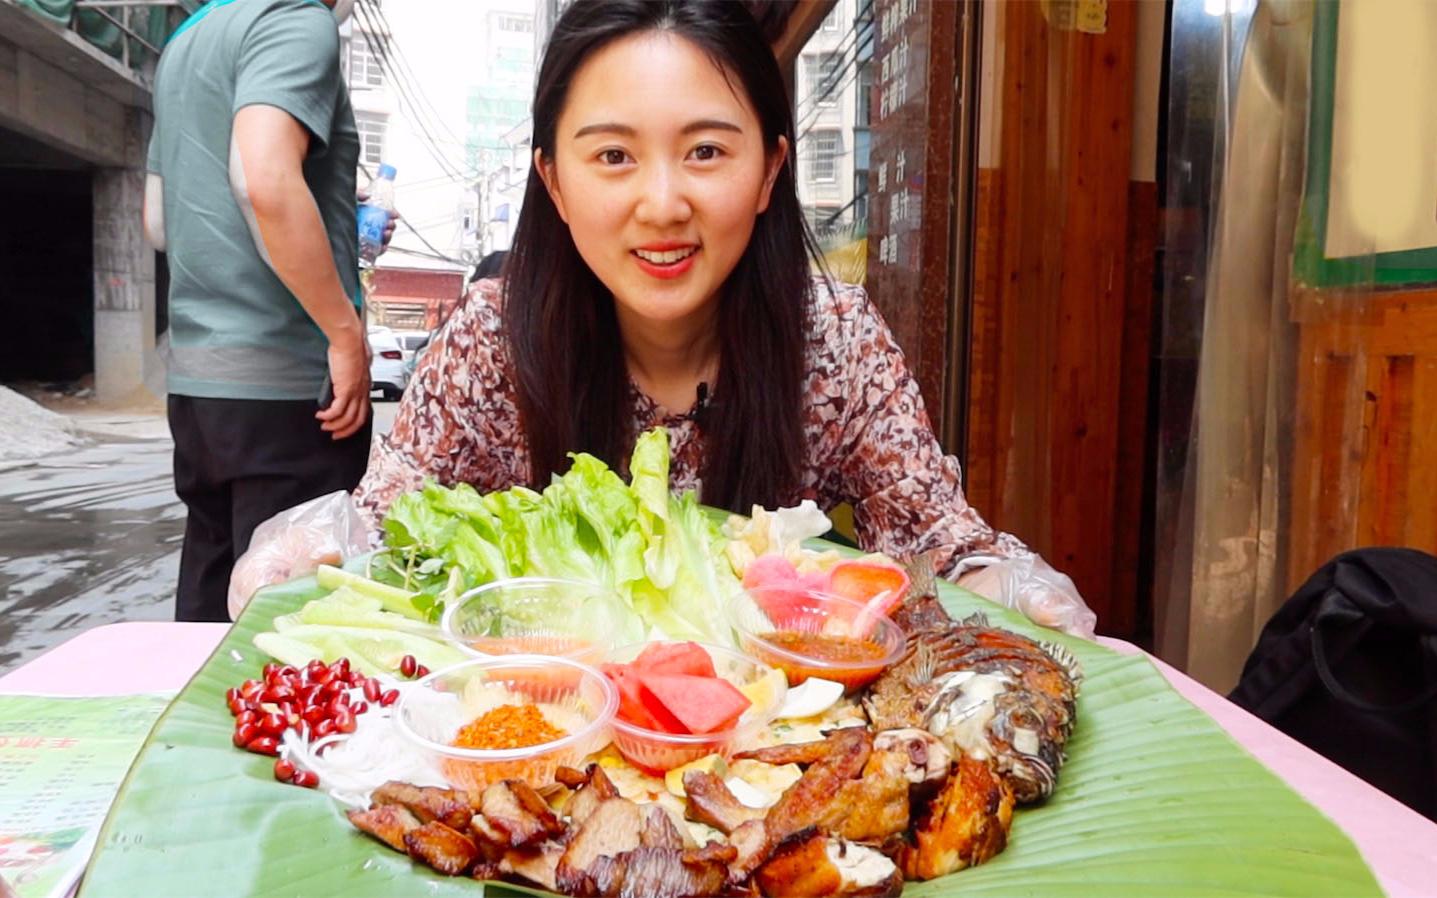 来西双版纳吃手抓饭,99元鸡鱼肉蛋饭铺一桌,没餐具都得抓着吃